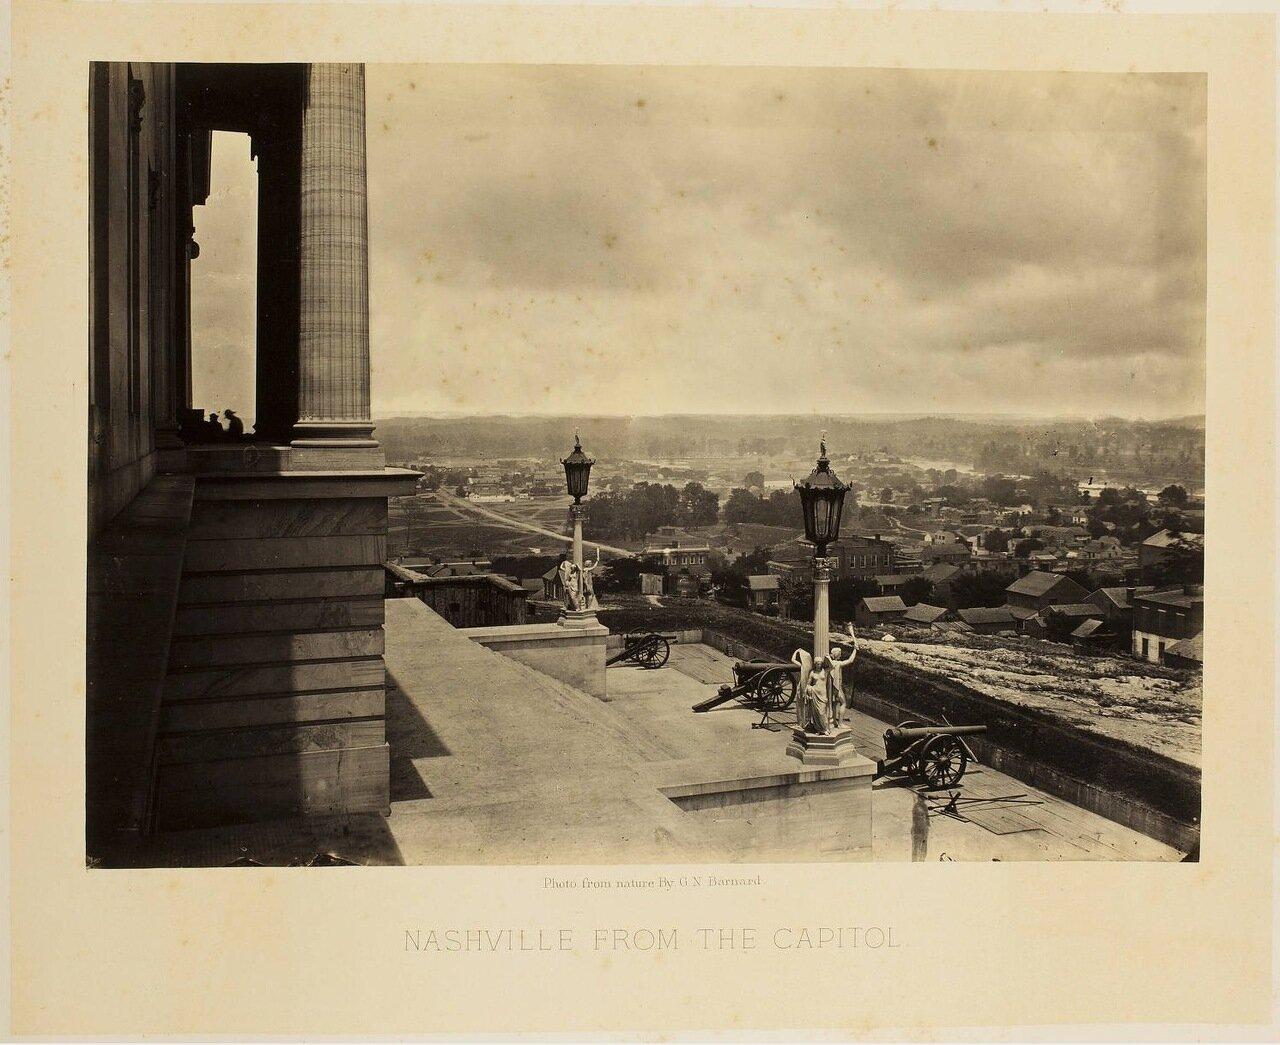 Вид Нэшвилла от Капитолия